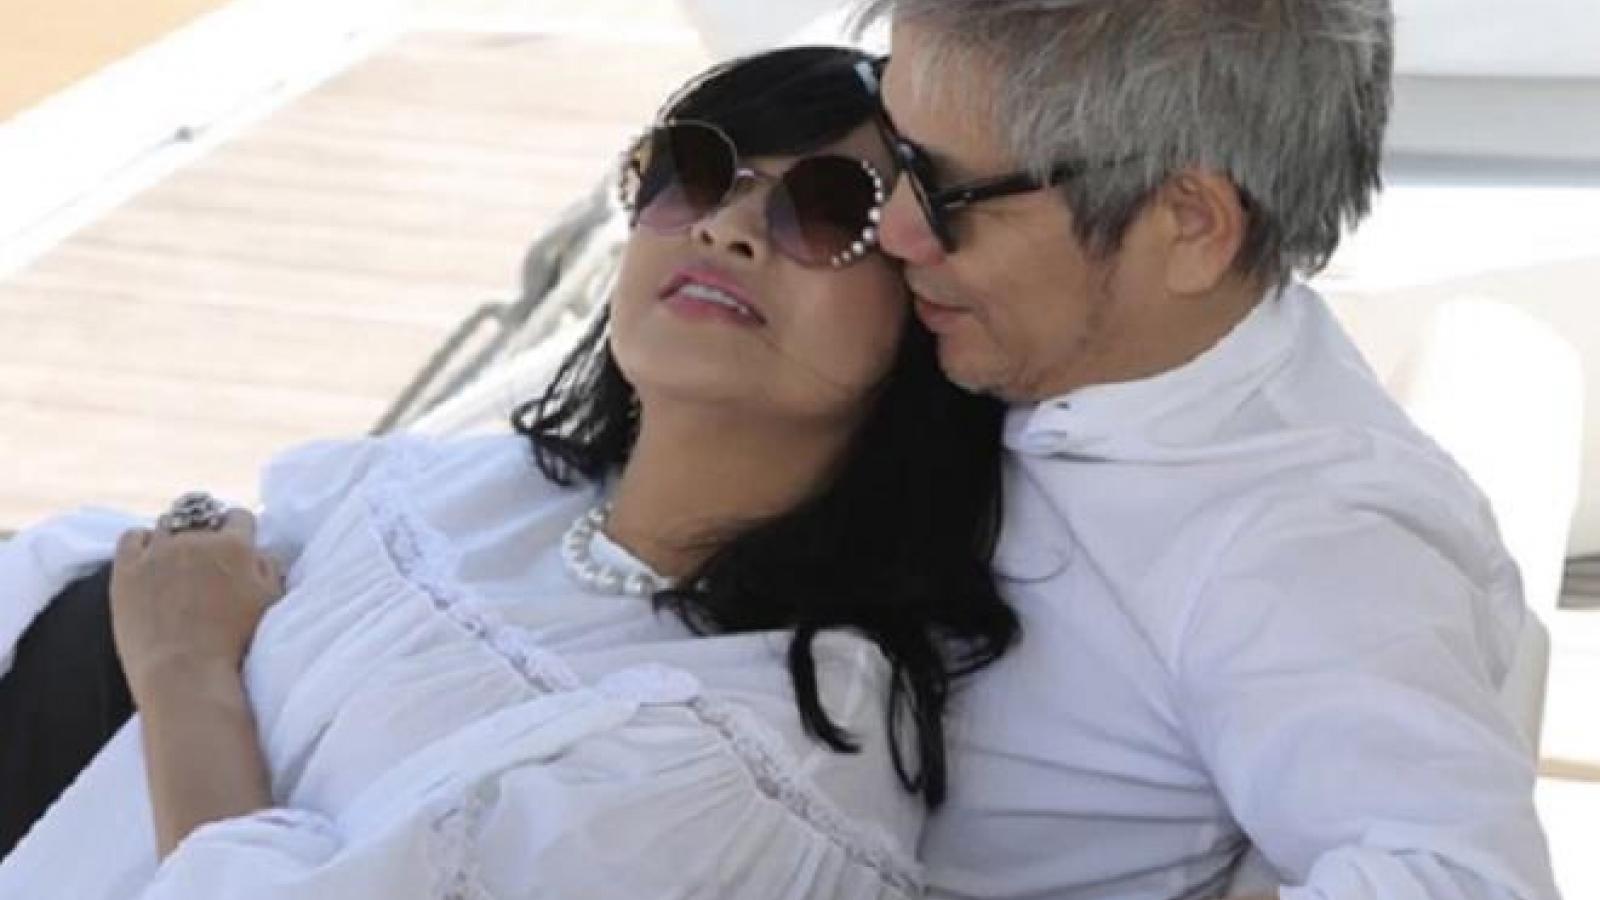 Chuyện showbiz: Thanh Lam và bạn trai bác sĩ tình tứ trên du thuyền